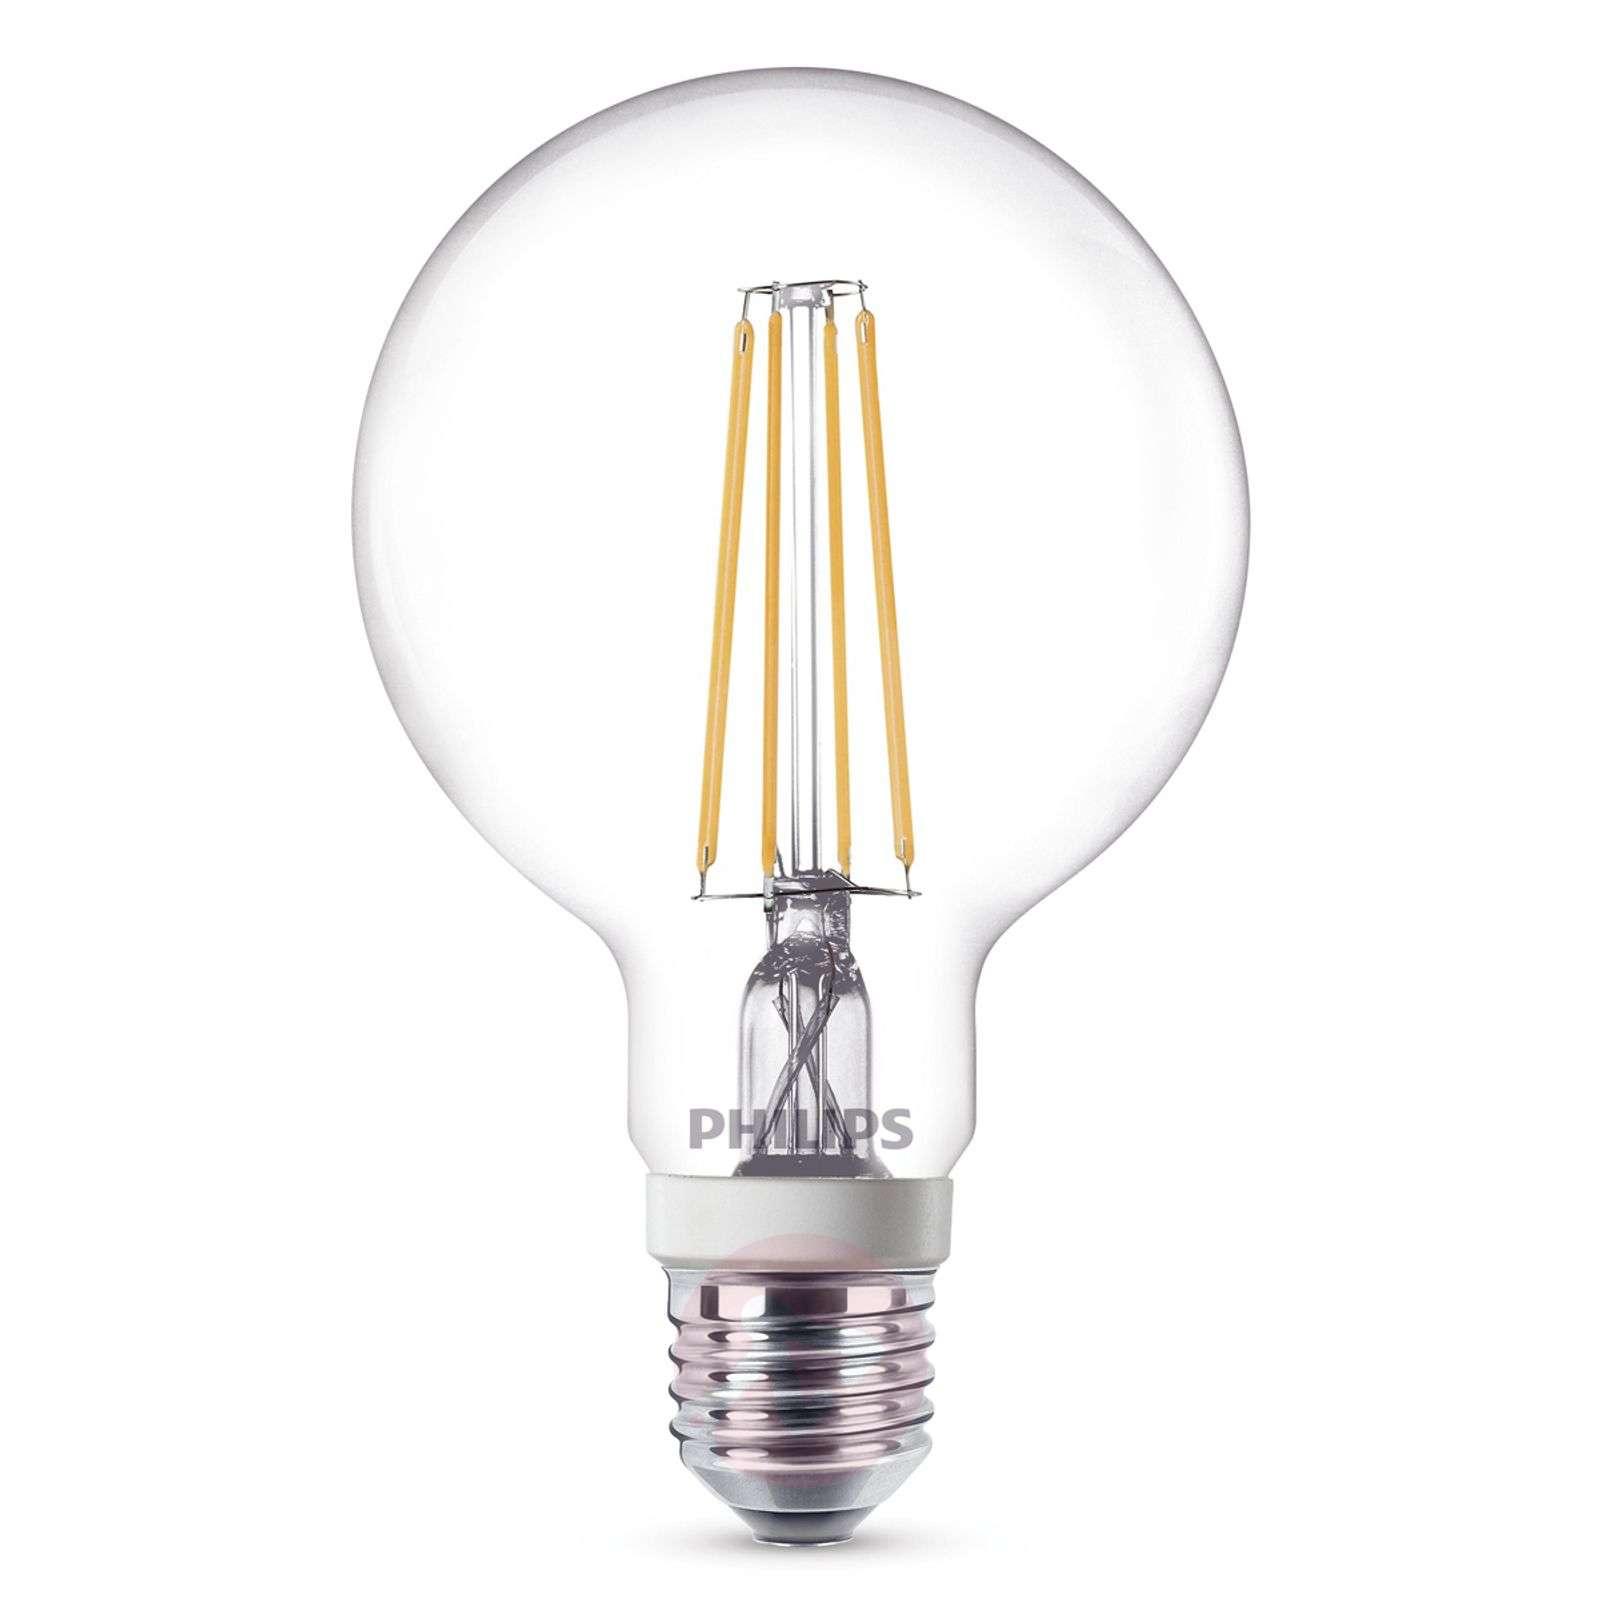 E27 7W 827 LED-globe-lamppu G95 kirkas, himmen.-7530713-01